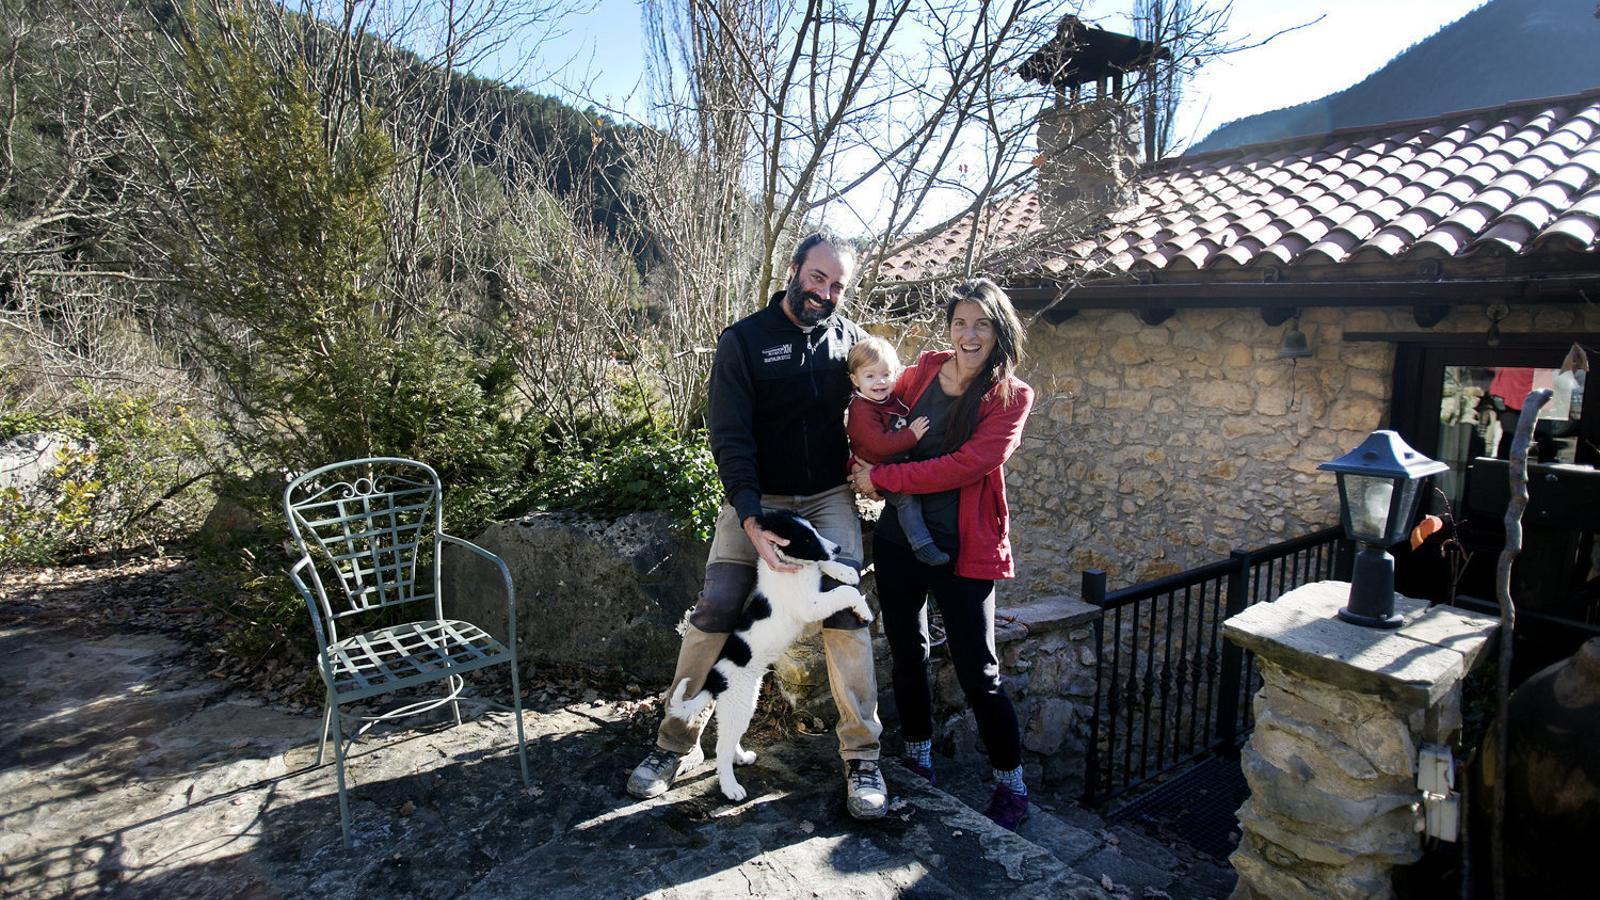 L'Óscar i la Gemma amb el seu fill Kai a la porta de casa seva a Gisclareny